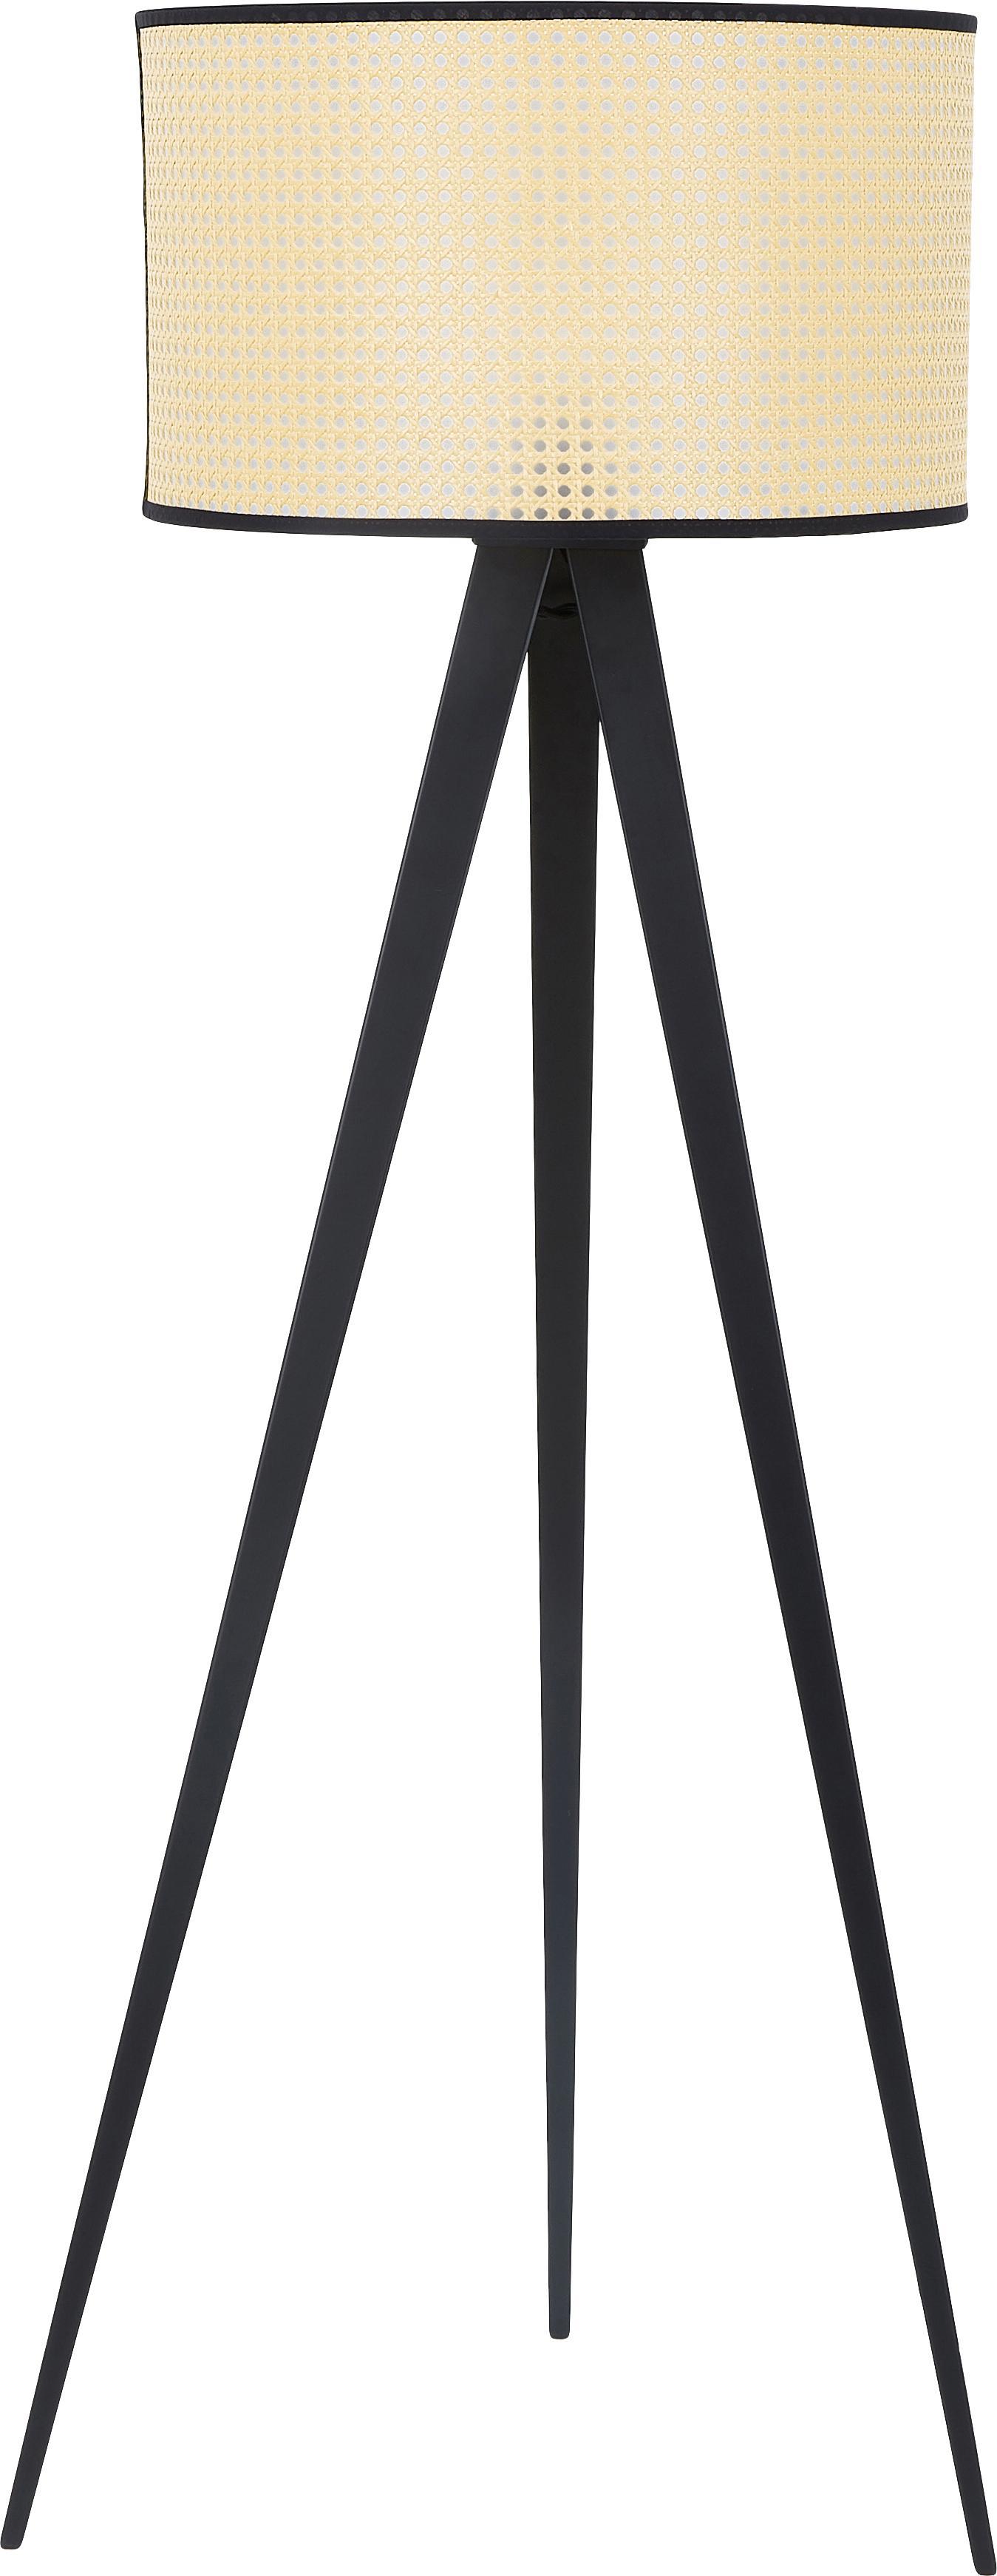 Stehlampe Vienna mit Schirm aus Wiener Geflecht, Lampenschirm: Kunststoff, Lampenschirm: Beige, SchwarzLampenfuss: Schwarz, mattKabel: Schwarz, ∅ 50 x H 154 cm